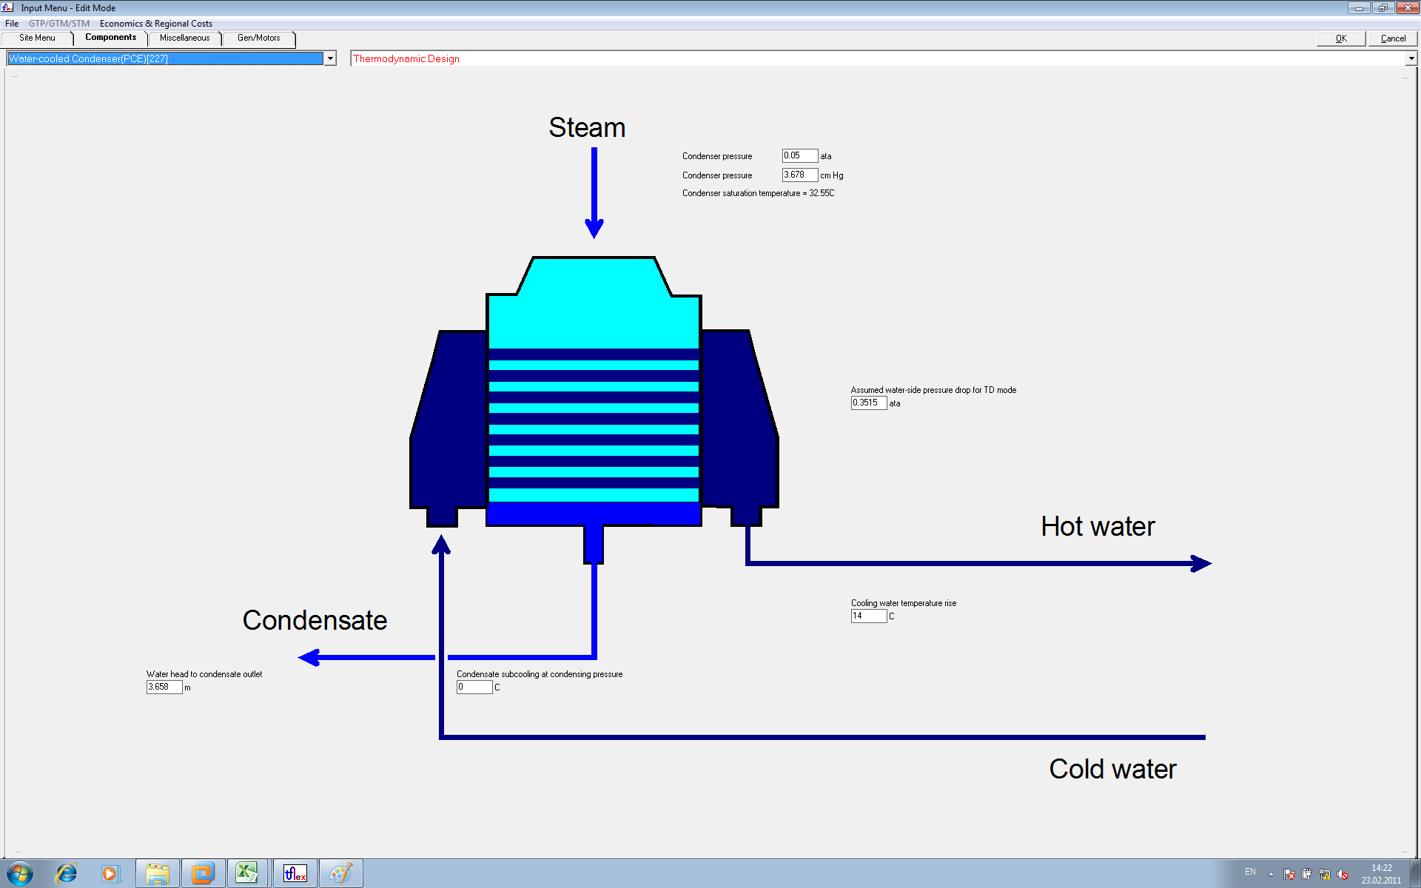 Моделирование работы реальной ТЭЦ для оптимизации режимов: пар и математика - 5